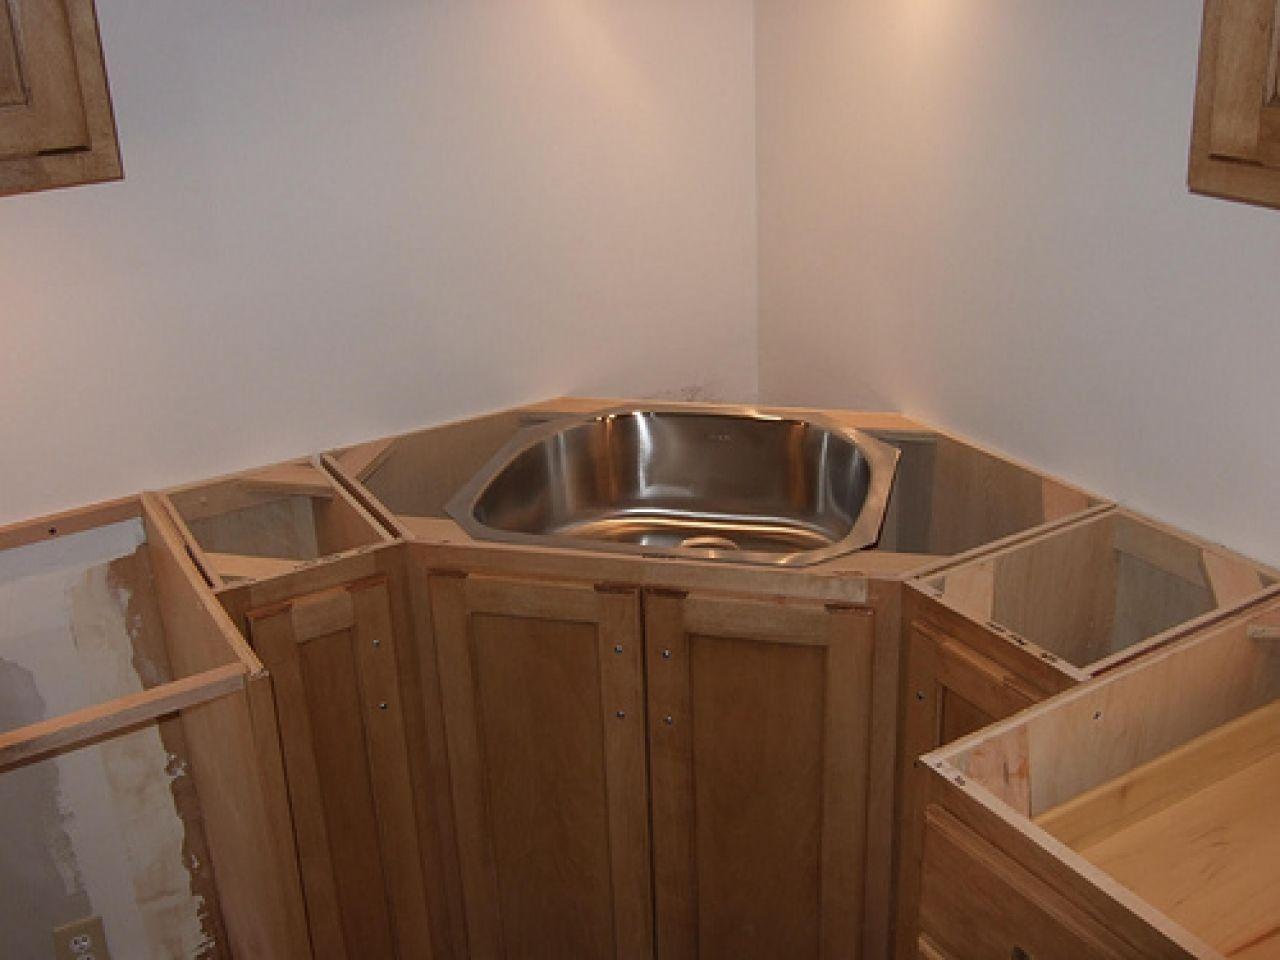 40 Ausgezeichnete Ecke Küchenspüle Bilder Konzept Mehr Auf Unserer Website Sie Müssen Sterben Vollständige N Corner Sink Kitchen Corner Sink Kitchen Layout